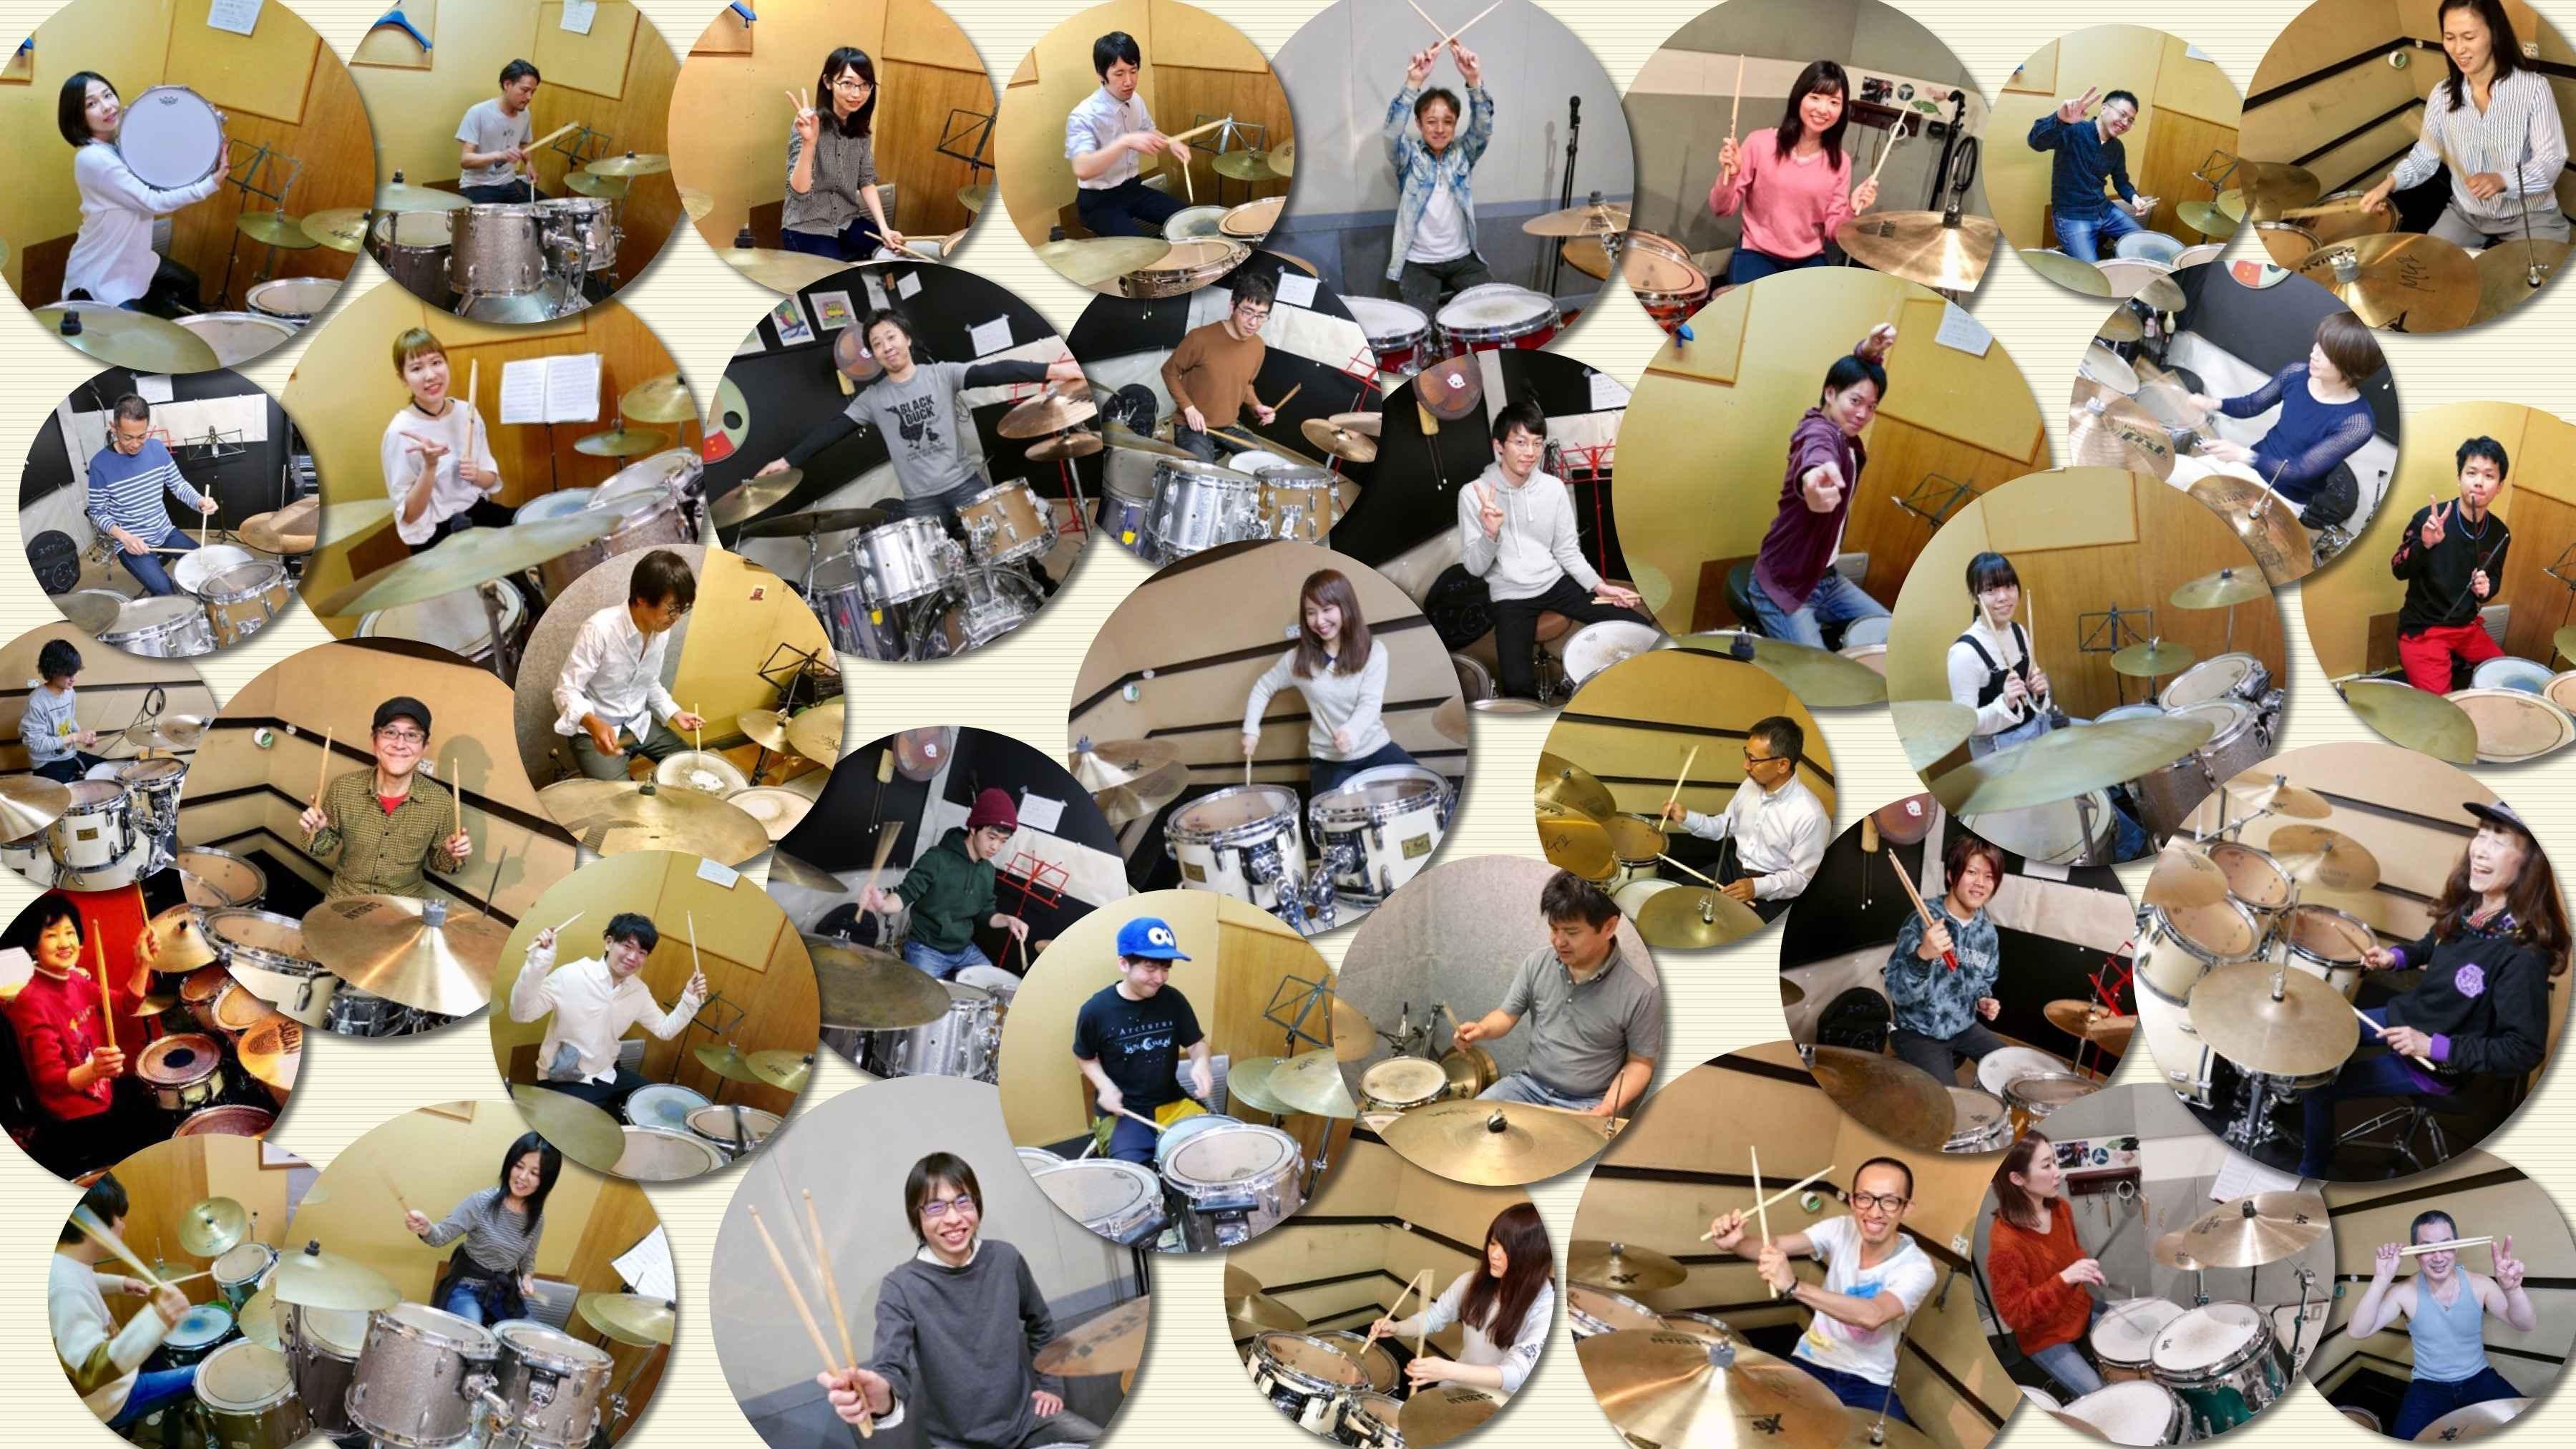 =ドラム教室=大阪梅田吹田の新感覚ドラムレッスン